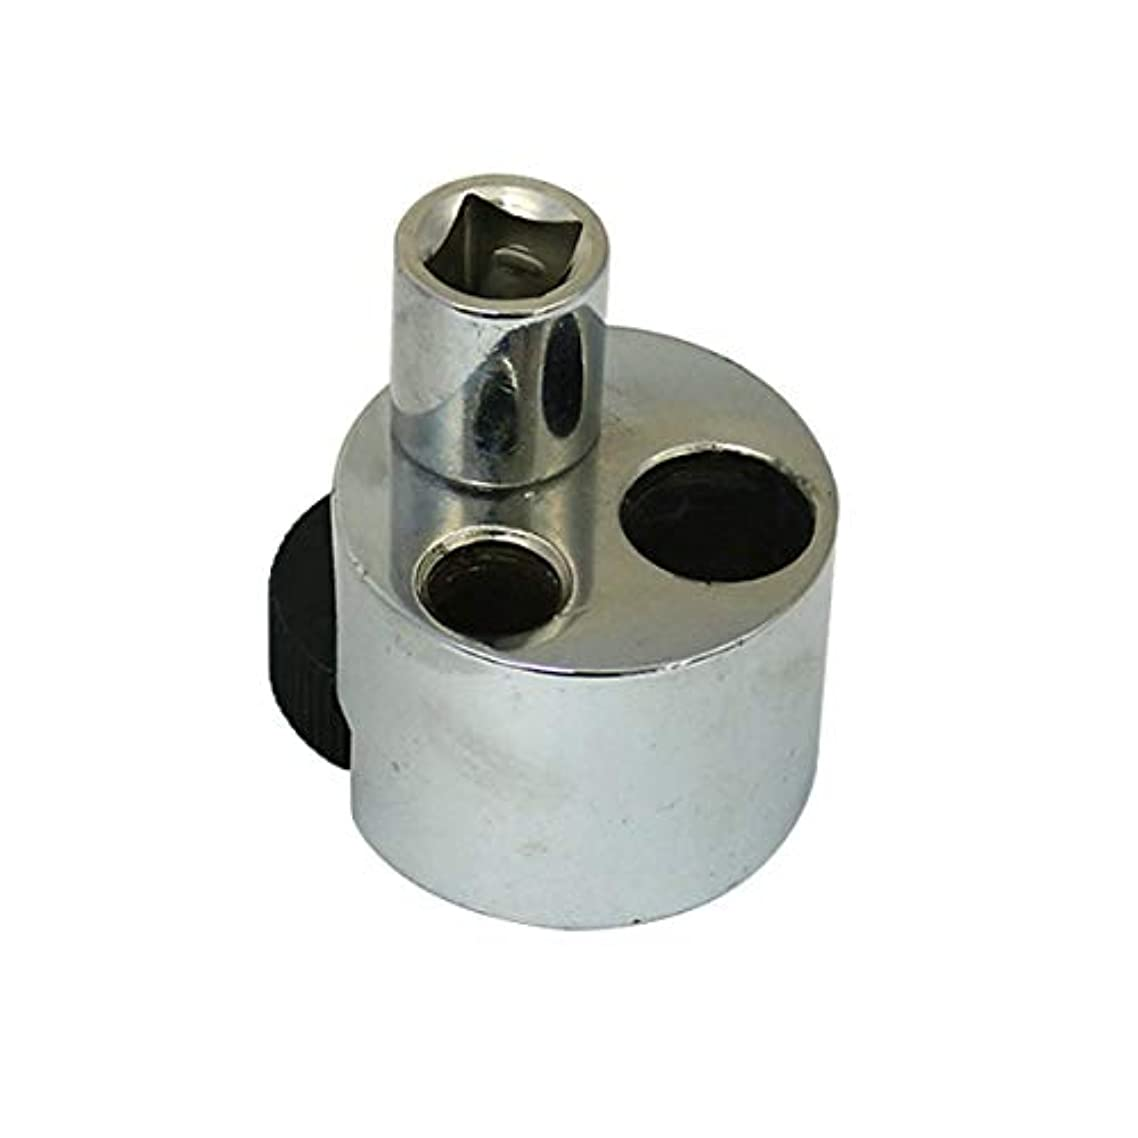 梨代数失スタッドボルトリムーバー ボルトプーラー ボルトエキストラクター ボルトを抜く特殊工具